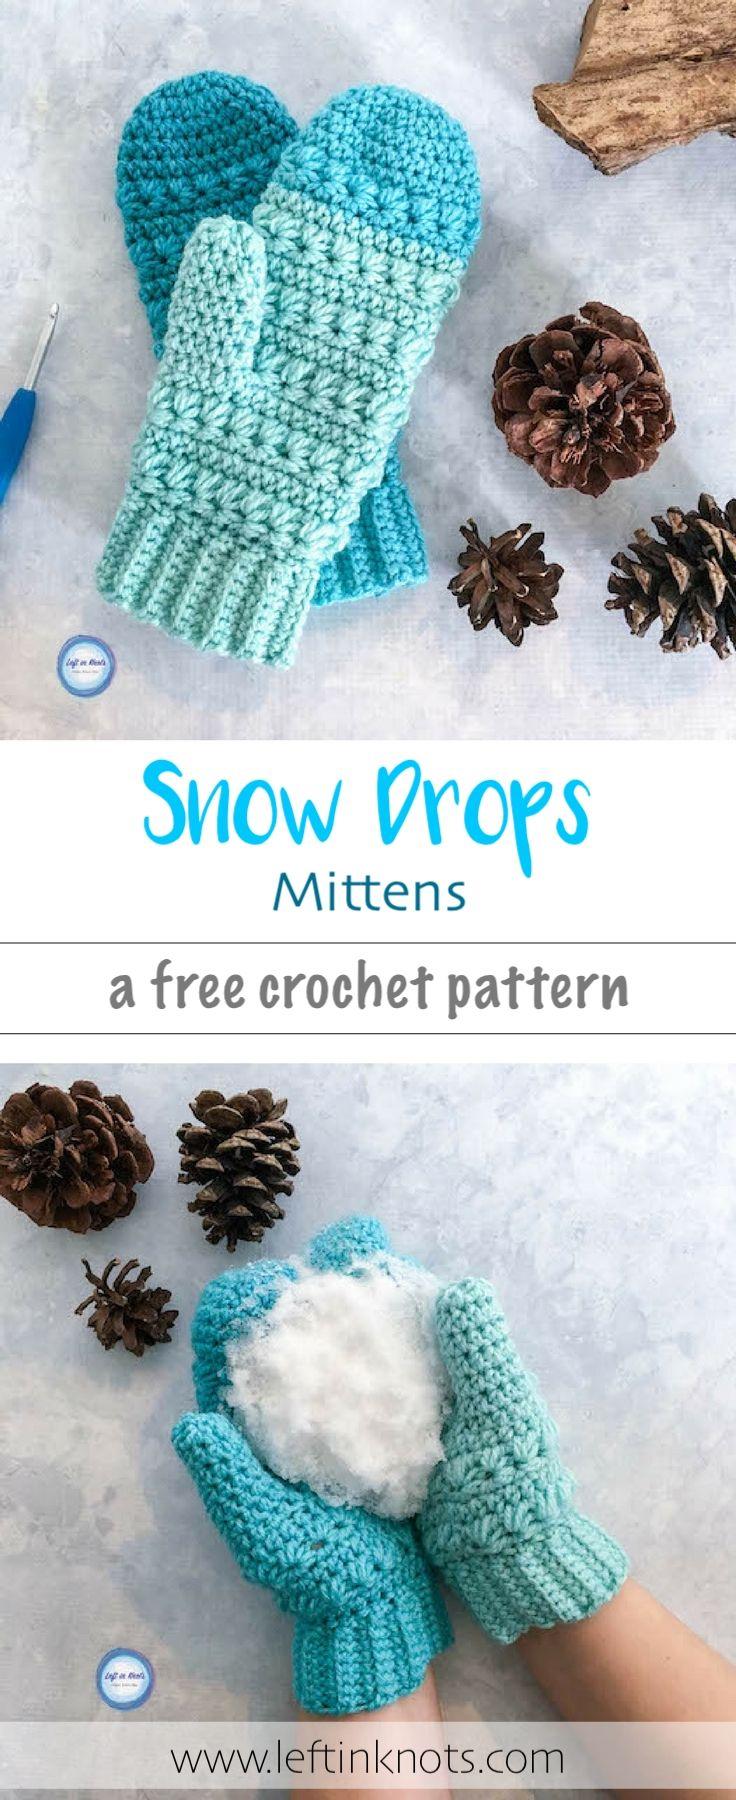 Snow Drops Mittens Free Crochet Pattern | Crochet Hats, Scarves ...